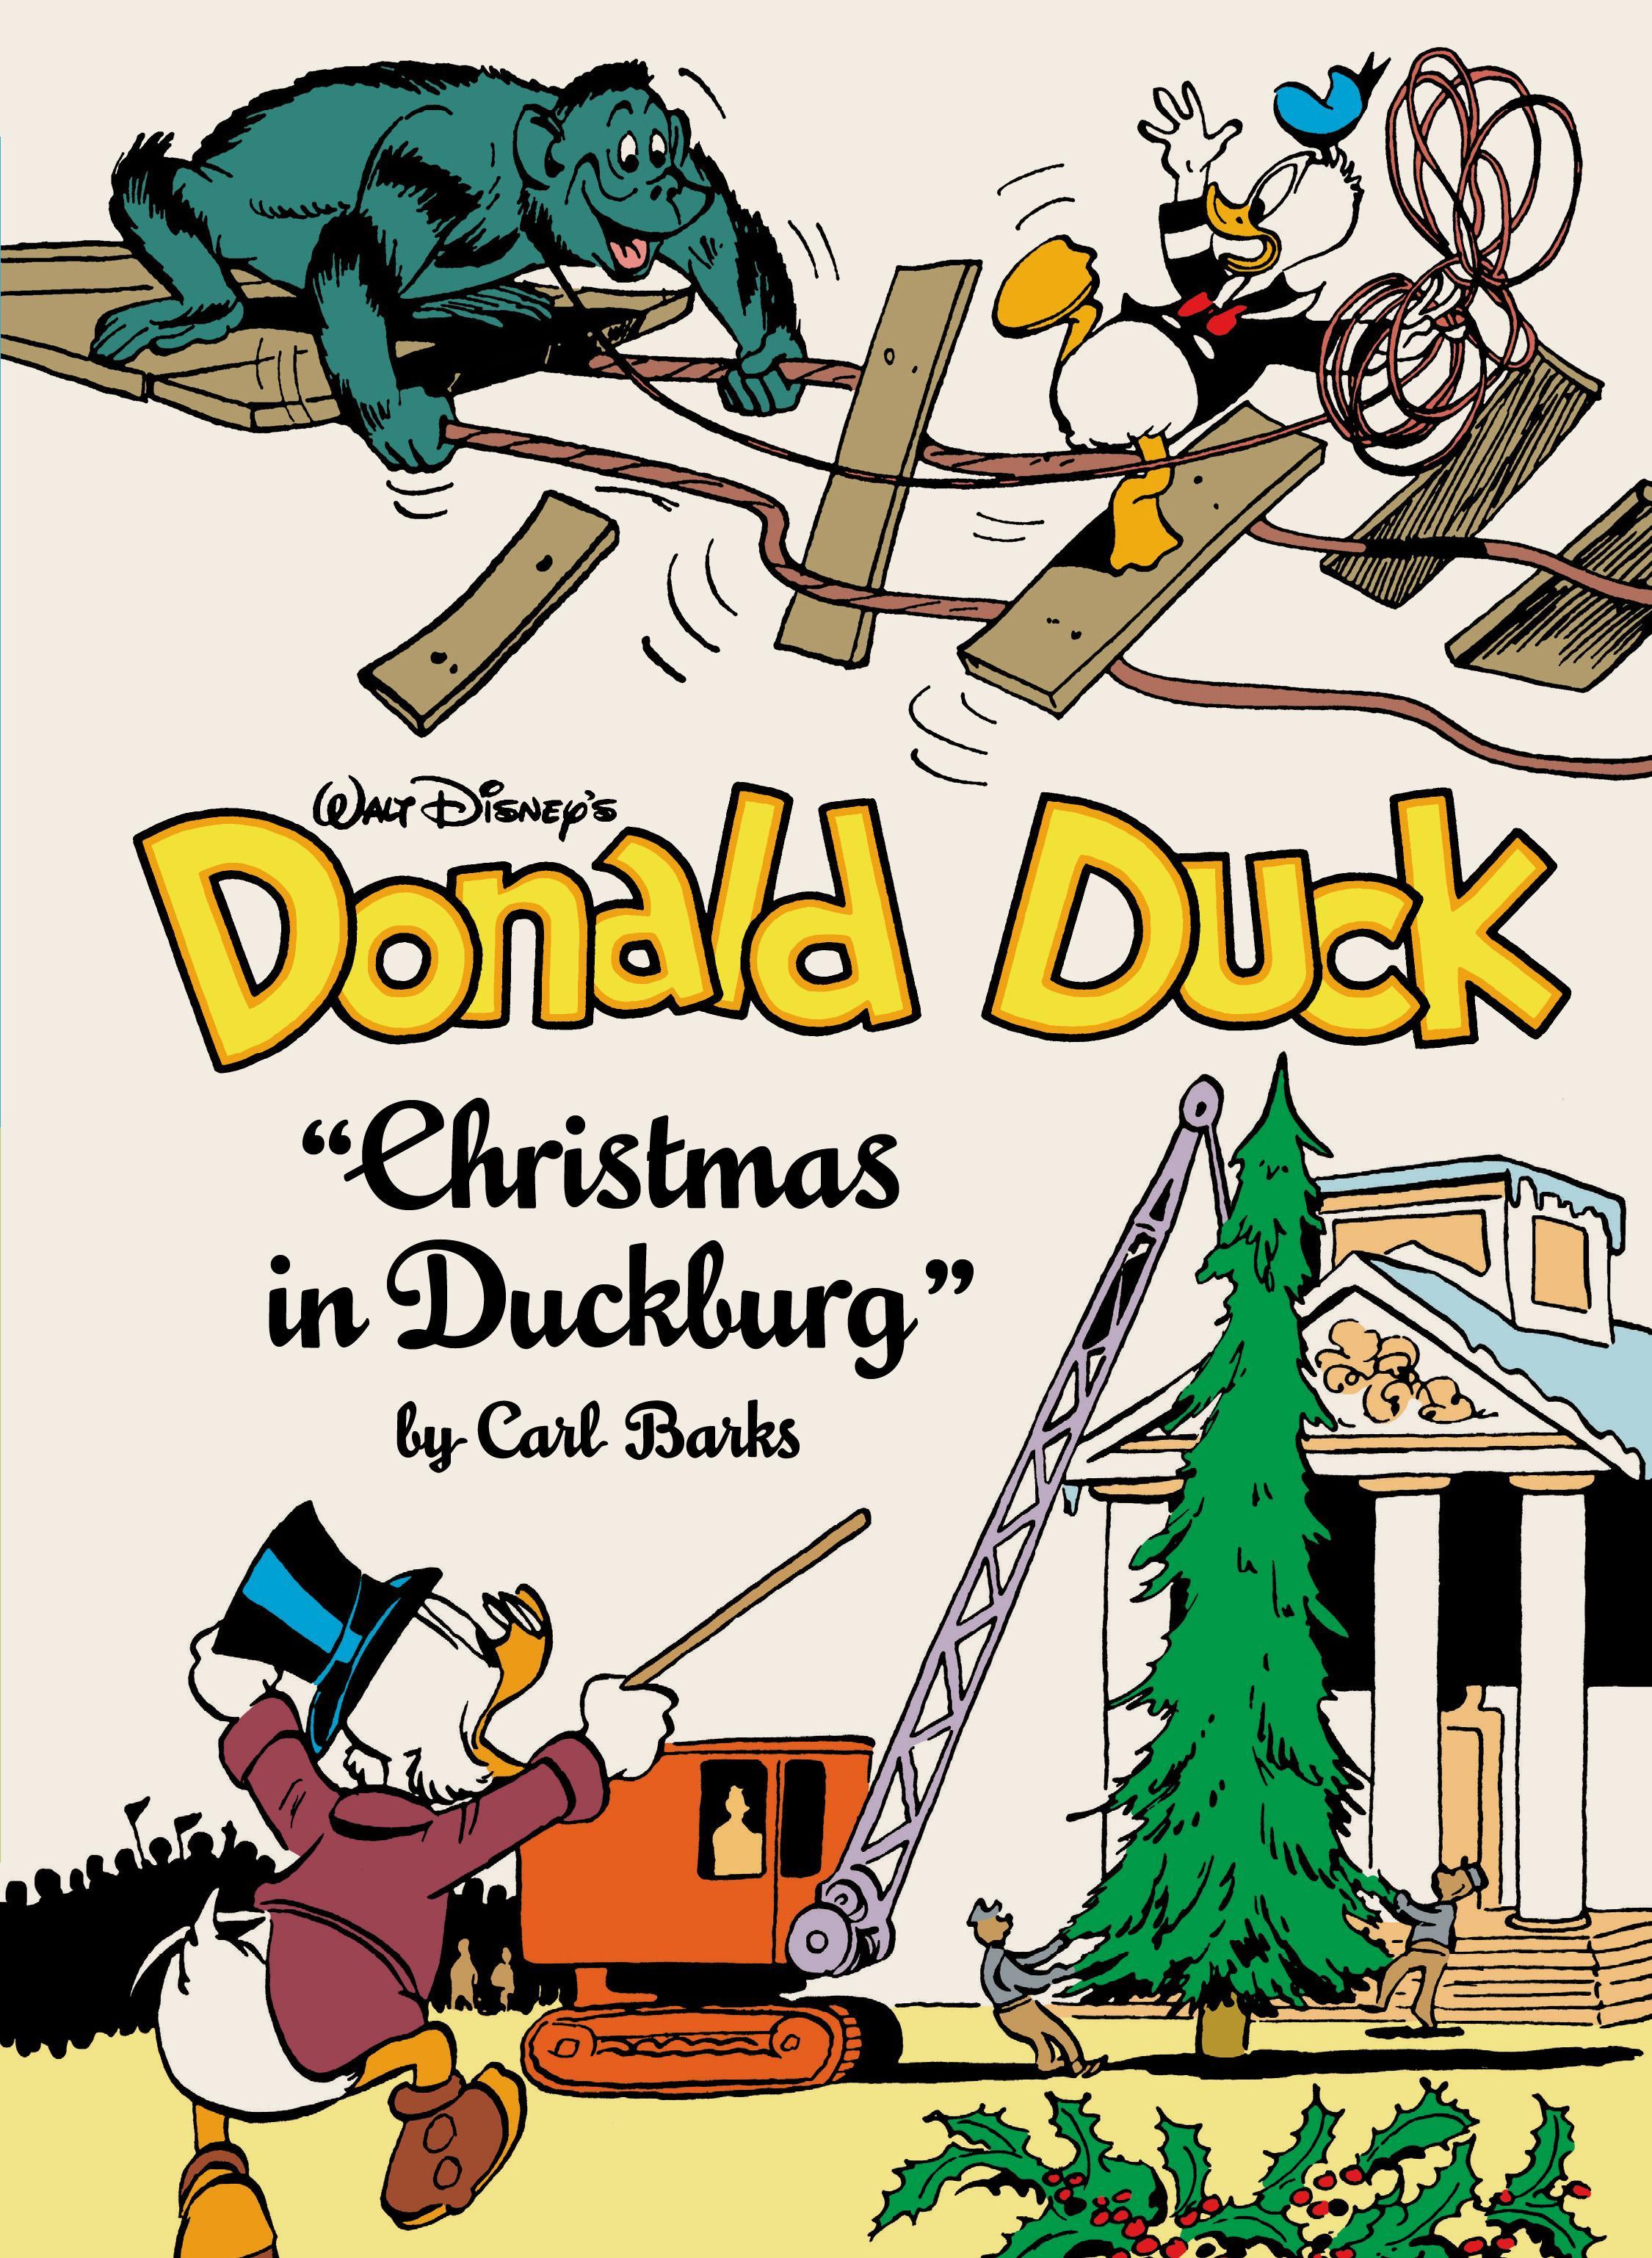 Walt Disneys Donald Duck v21 - Christmas in Duckburg (2019) (Digital) (Bean-Empire